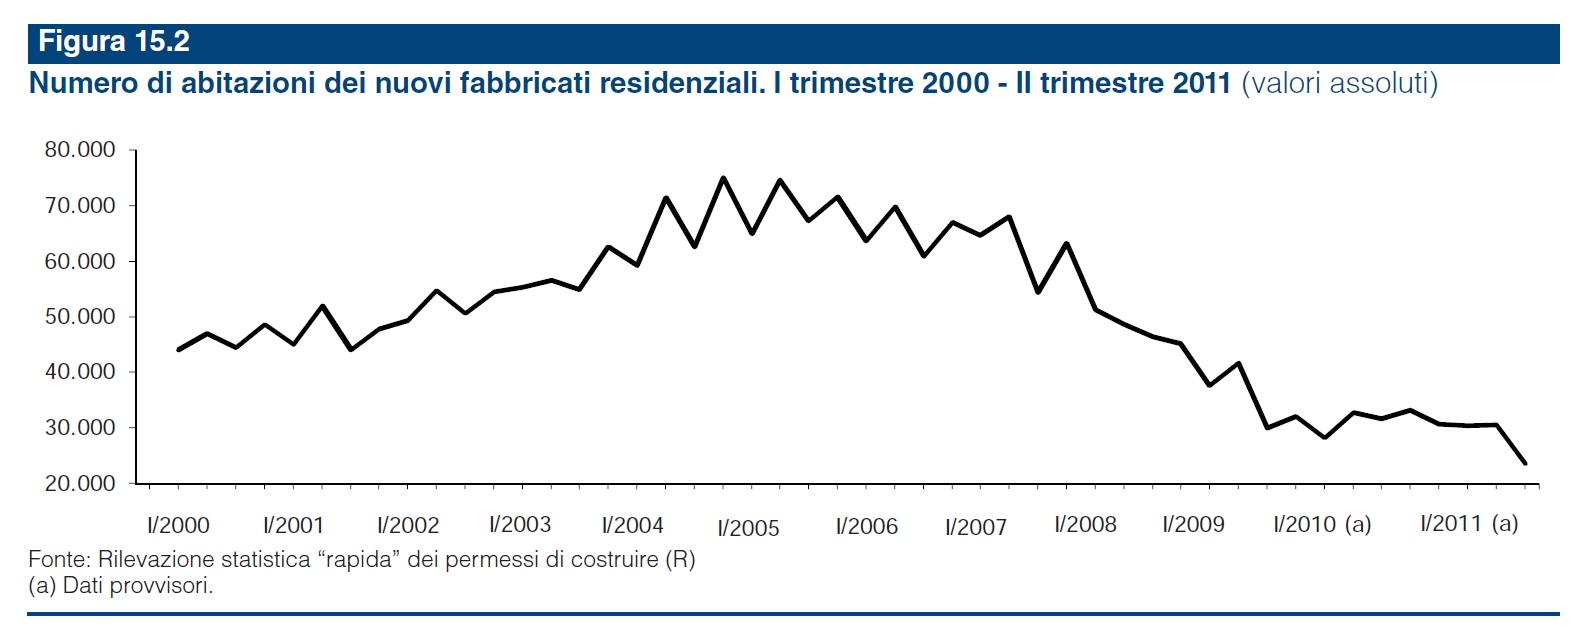 Numero di abitazioni dei nuovi fabbricati residenziali for Numero dei parlamentari in italia